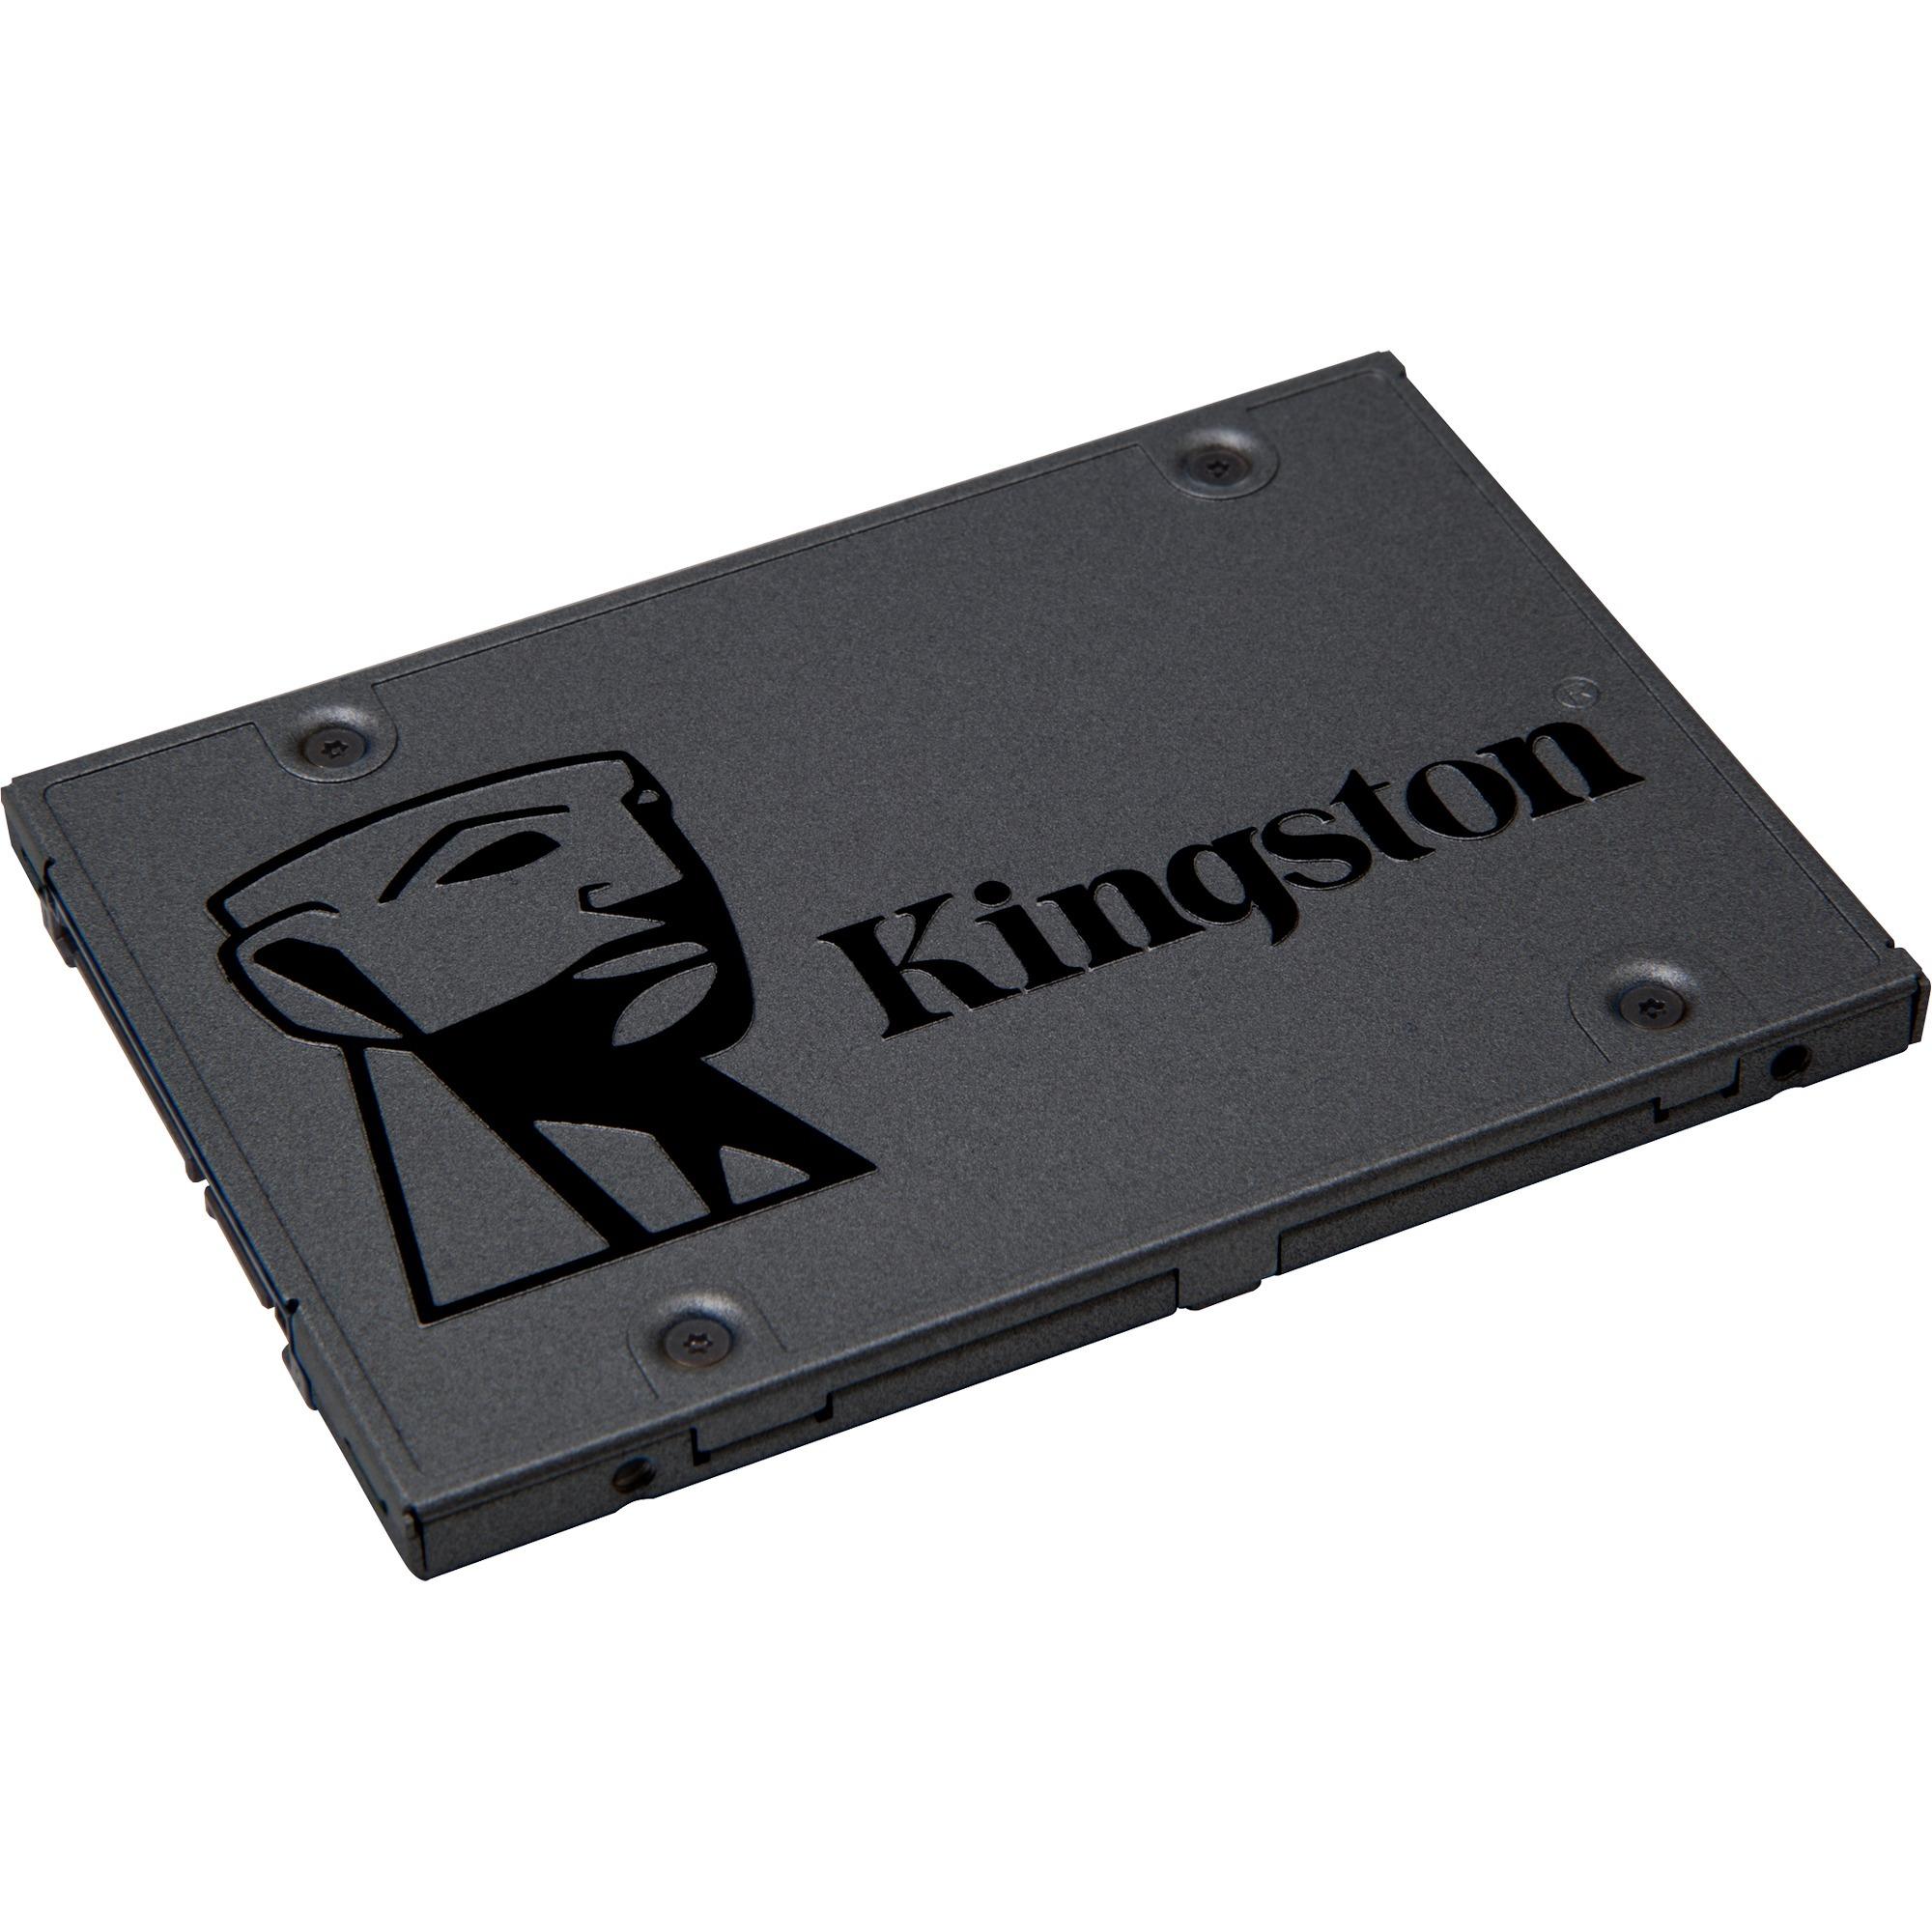 A400 SSD 480GB 480Go 2.5